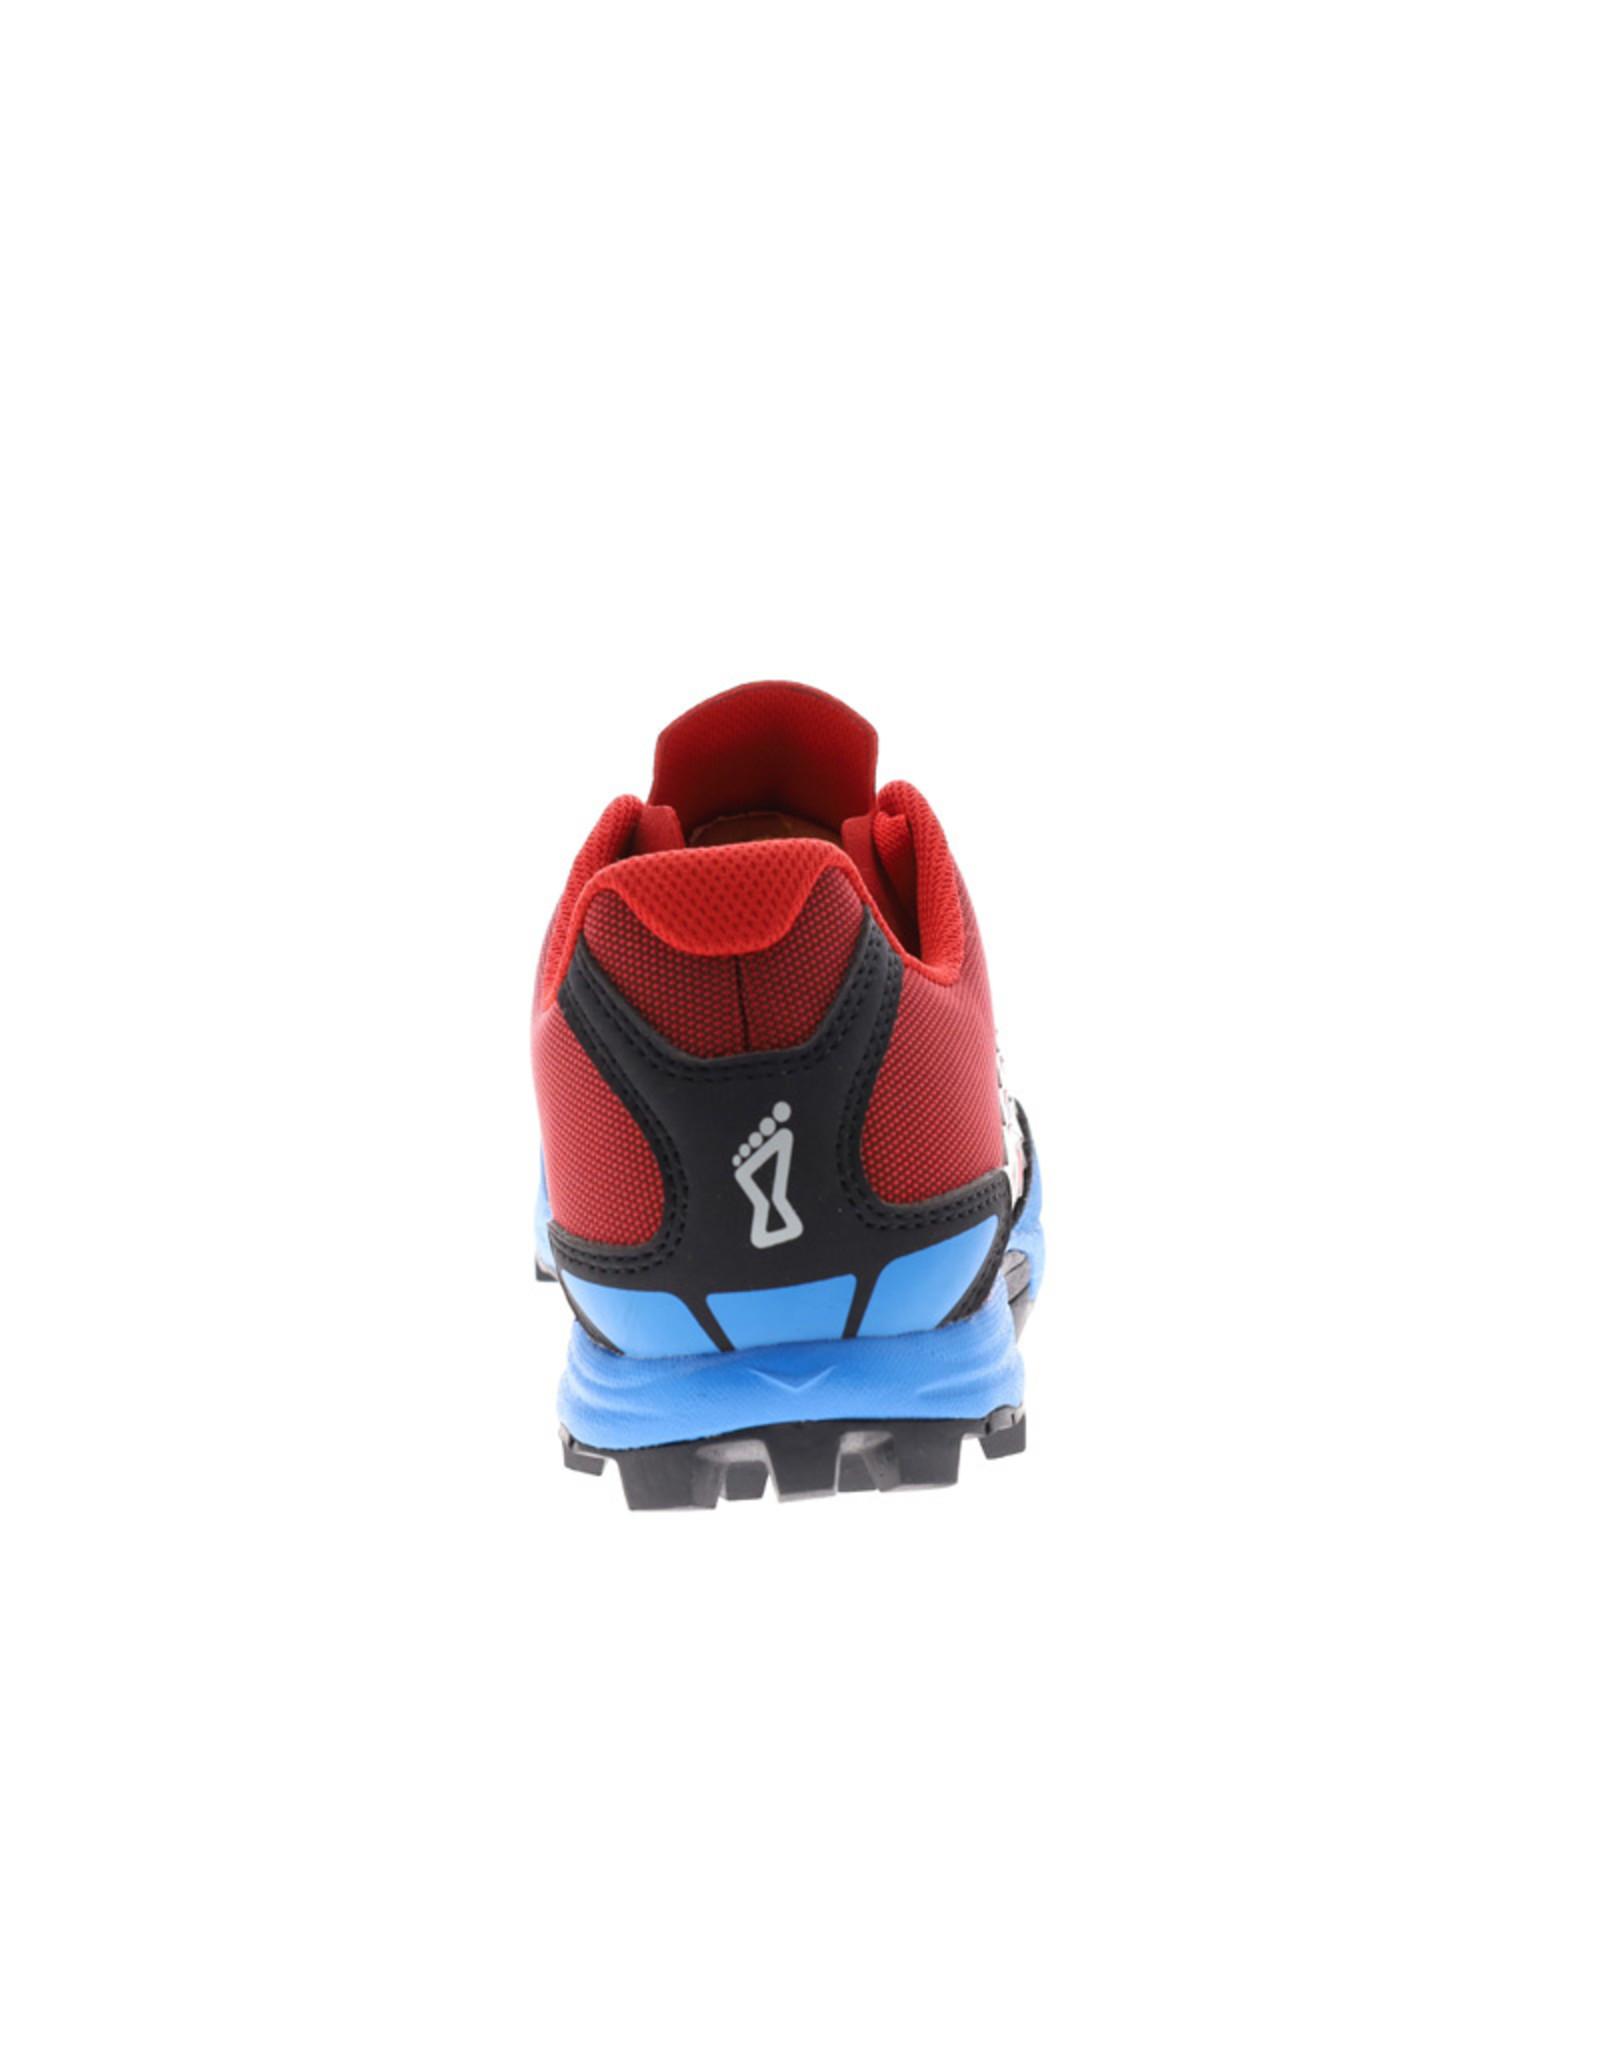 Inov-8 X-Talon 255 Rouge Bleu OCR dans la chaussure de survie